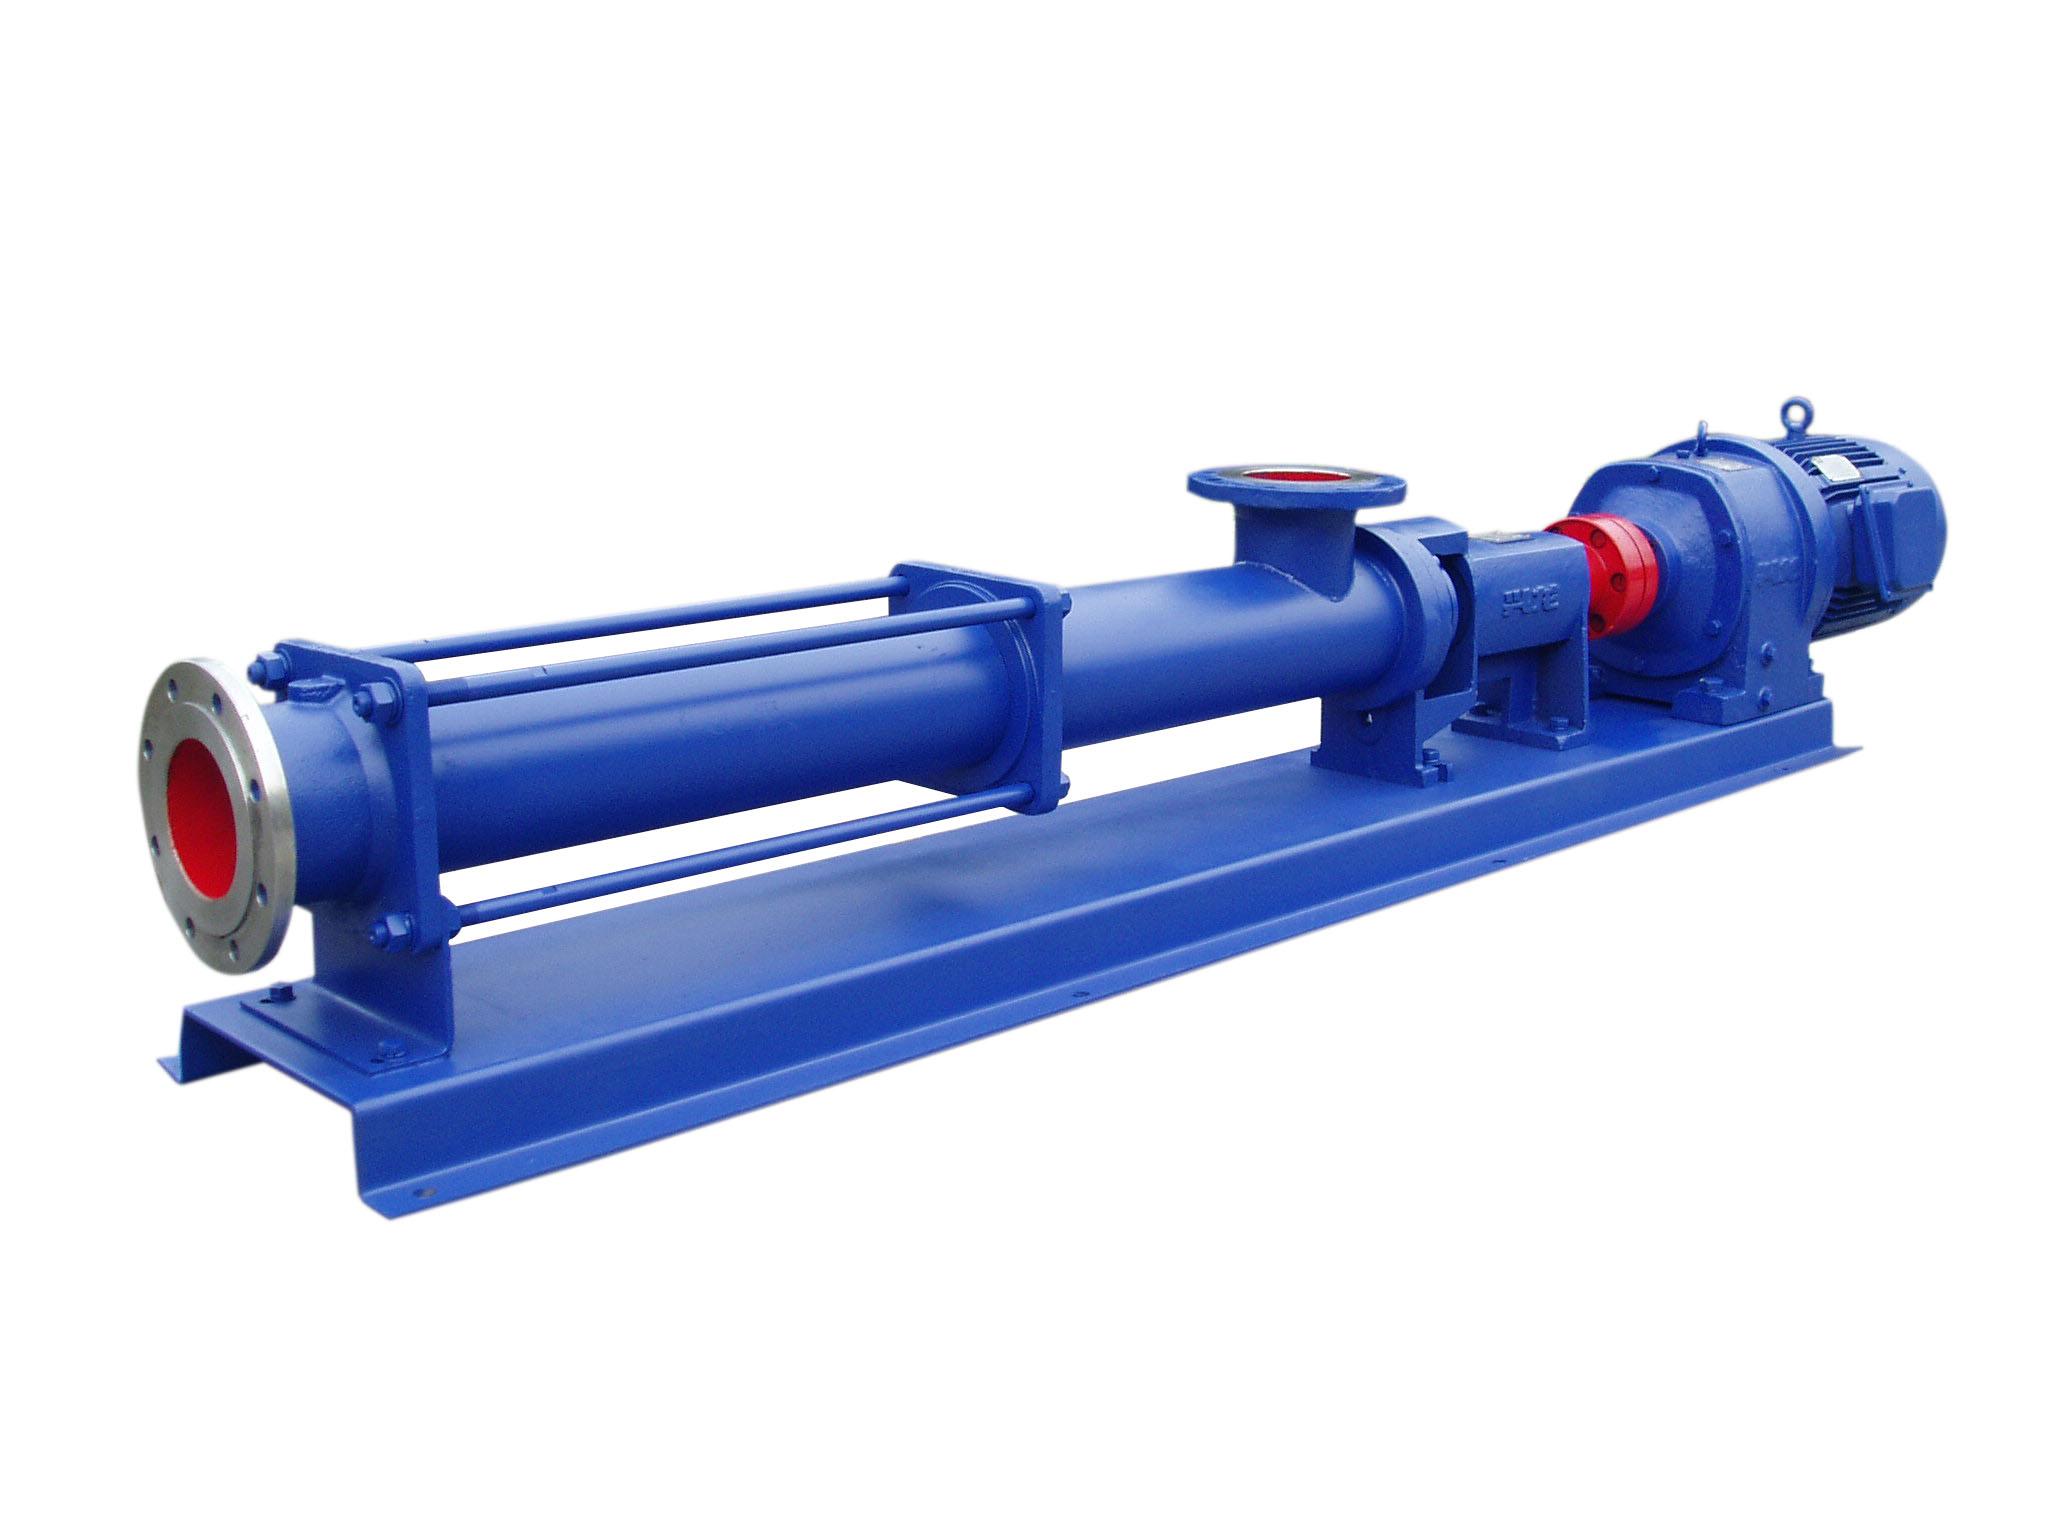 螺杆泵,单螺杆泵,污泥螺杆泵,不锈钢螺杆泵,污水处理螺杆泵